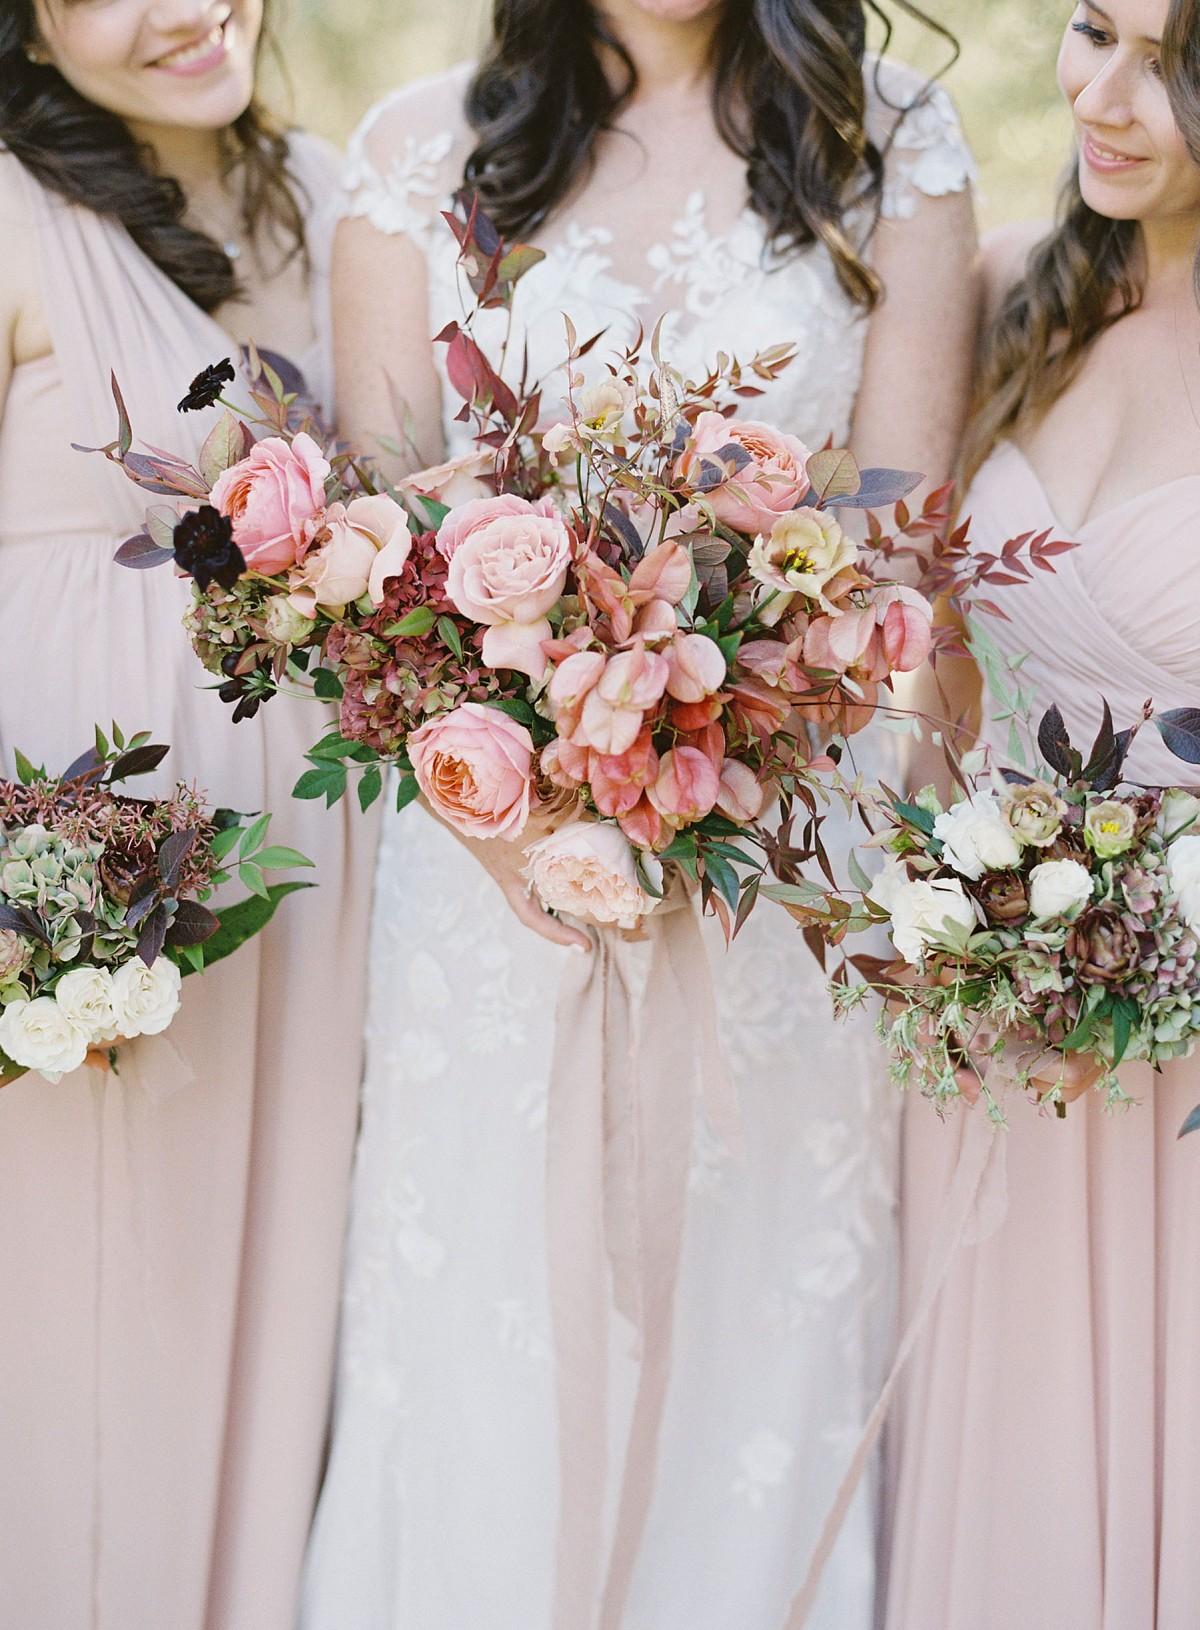 Autumn bridesmaids bouquets